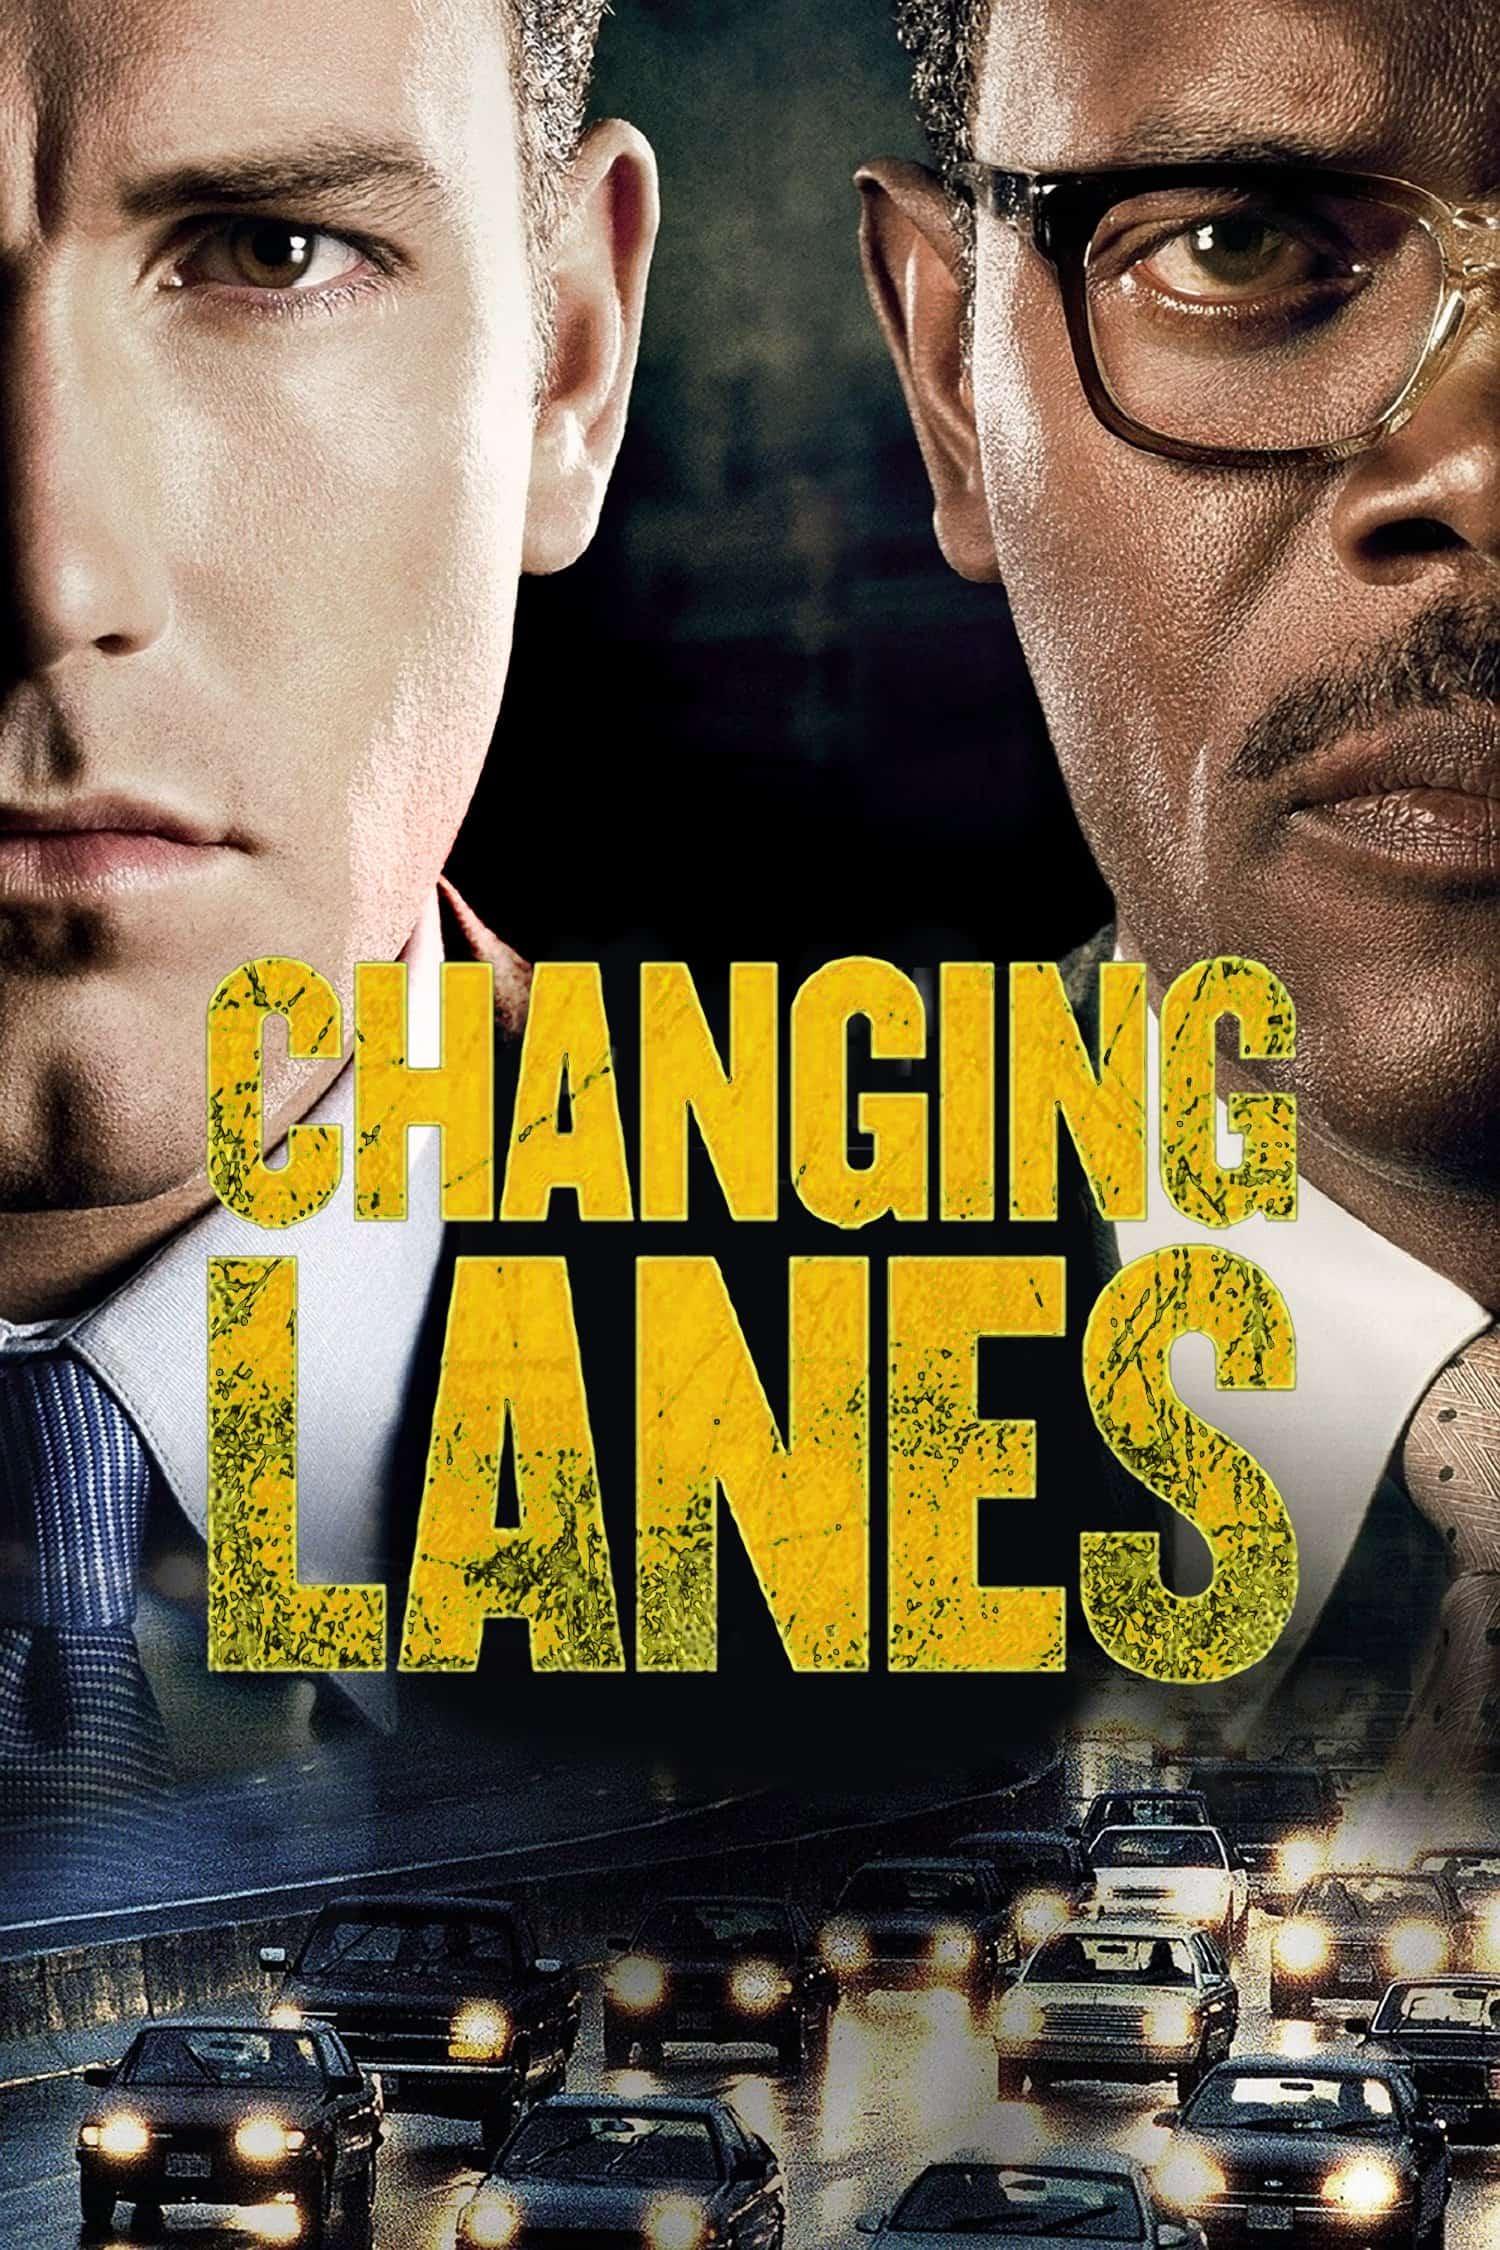 Changing Lanes, 2002